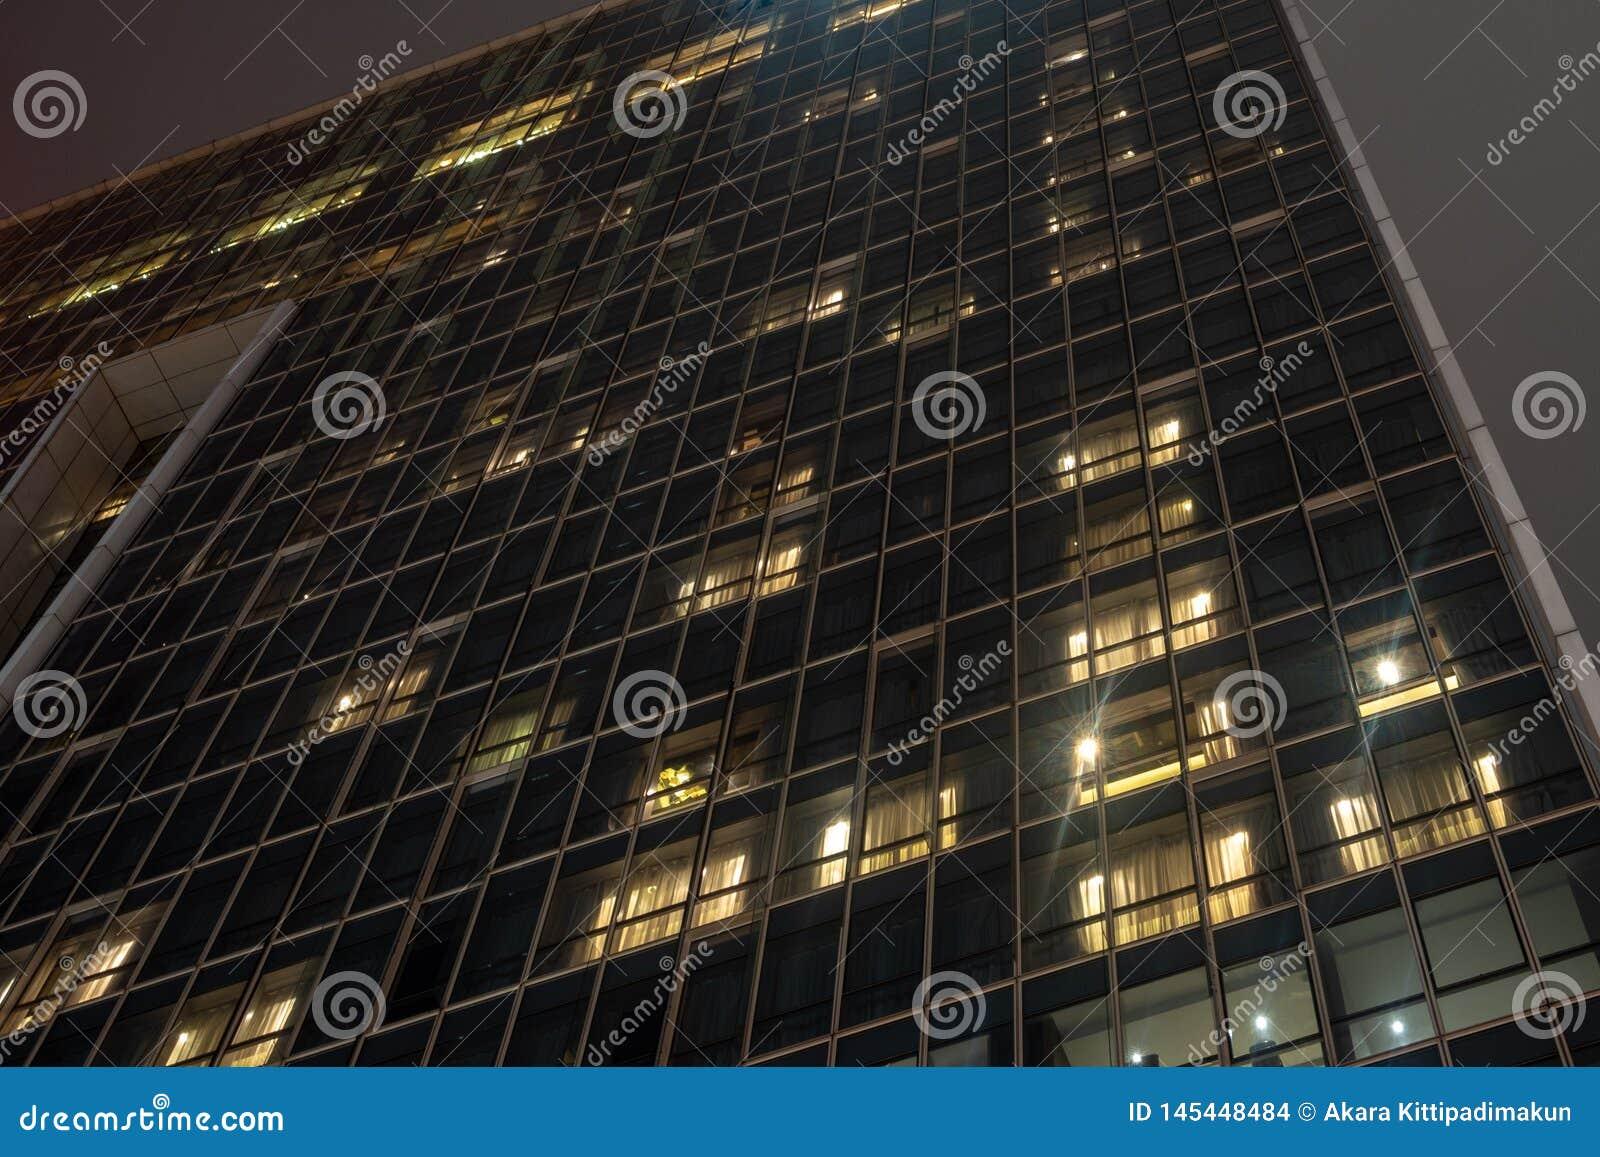 Низкий угол здания со стеклянным экстерьером на предпосылке ночного неба